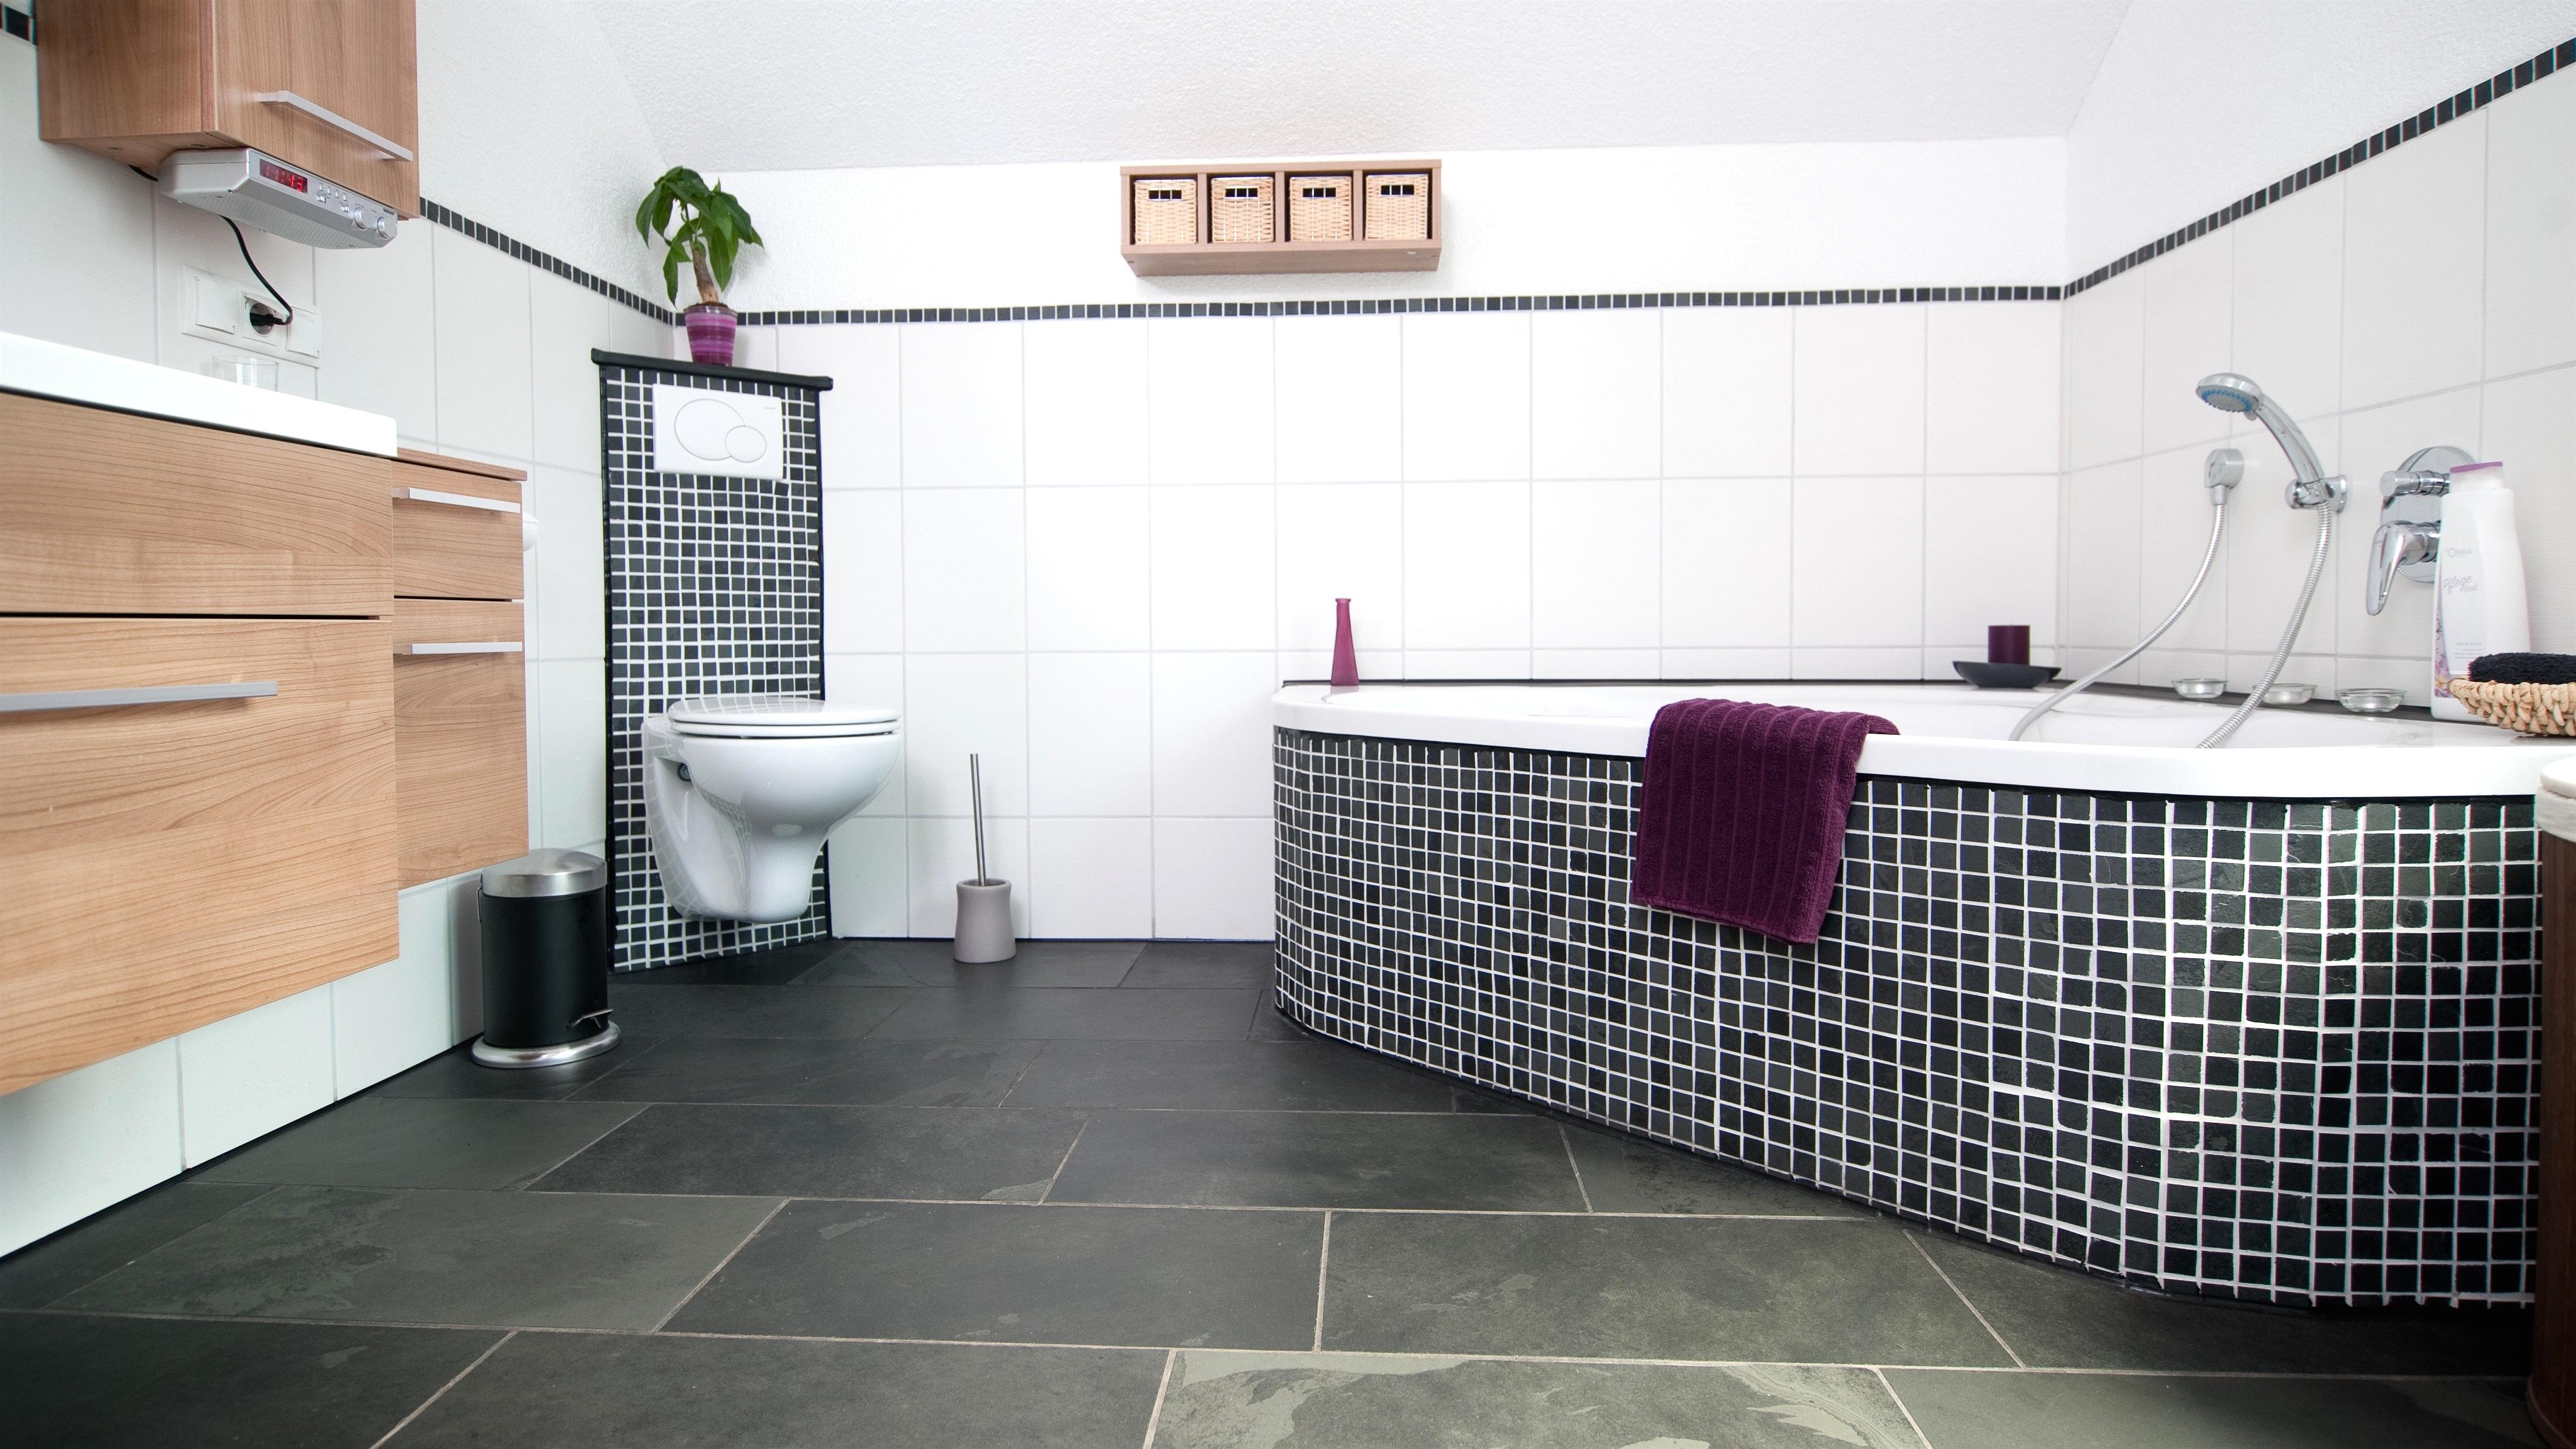 Badfliesen Mosaik Interessant On Andere Für Fliesen Ideen Spektakulär Auf Dekoideen Fur Ihr Zuhause 6